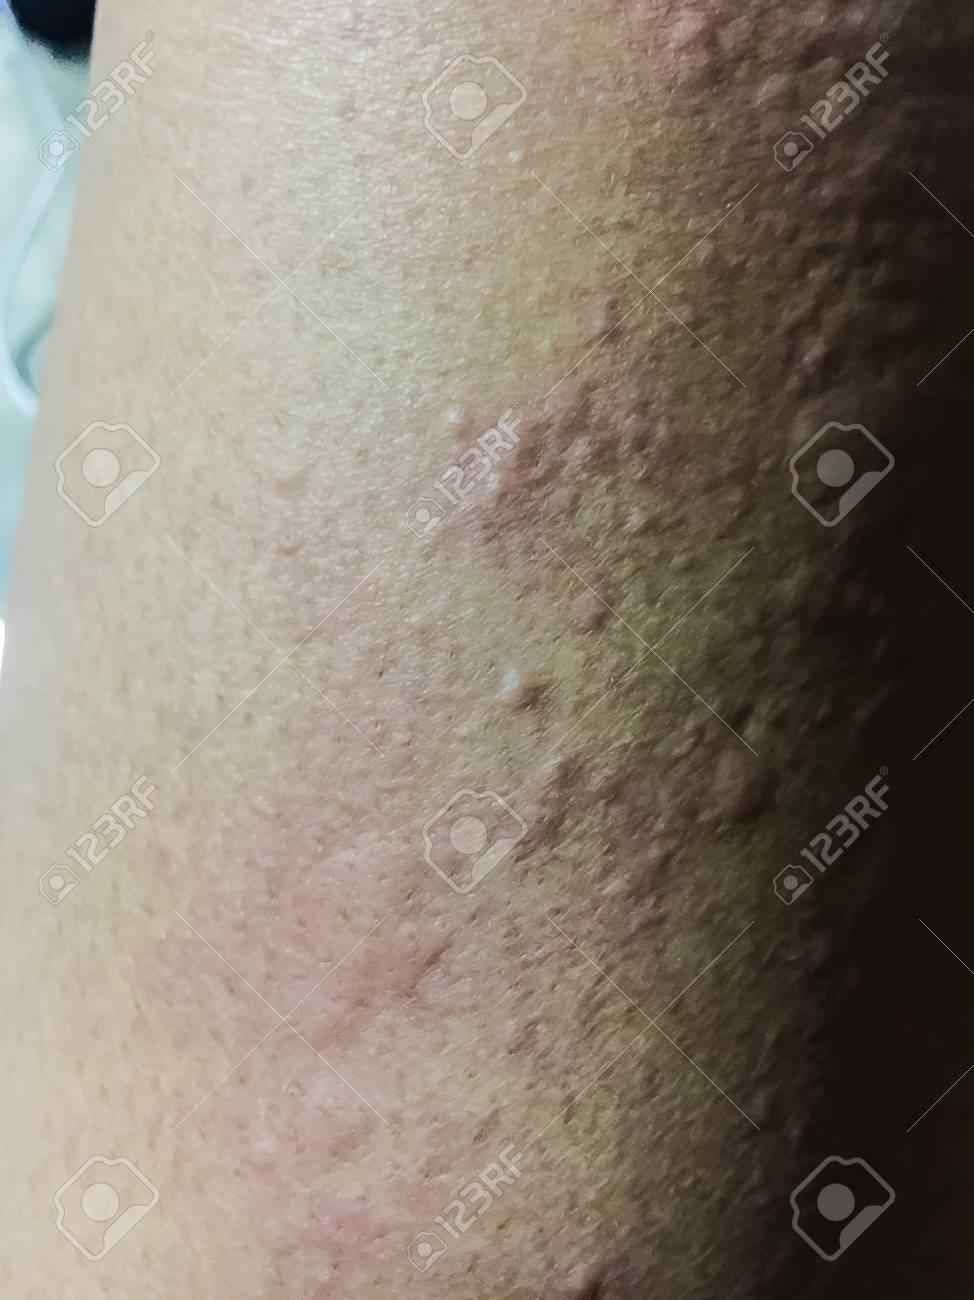 寒暖差アレルギー 蕁麻疹